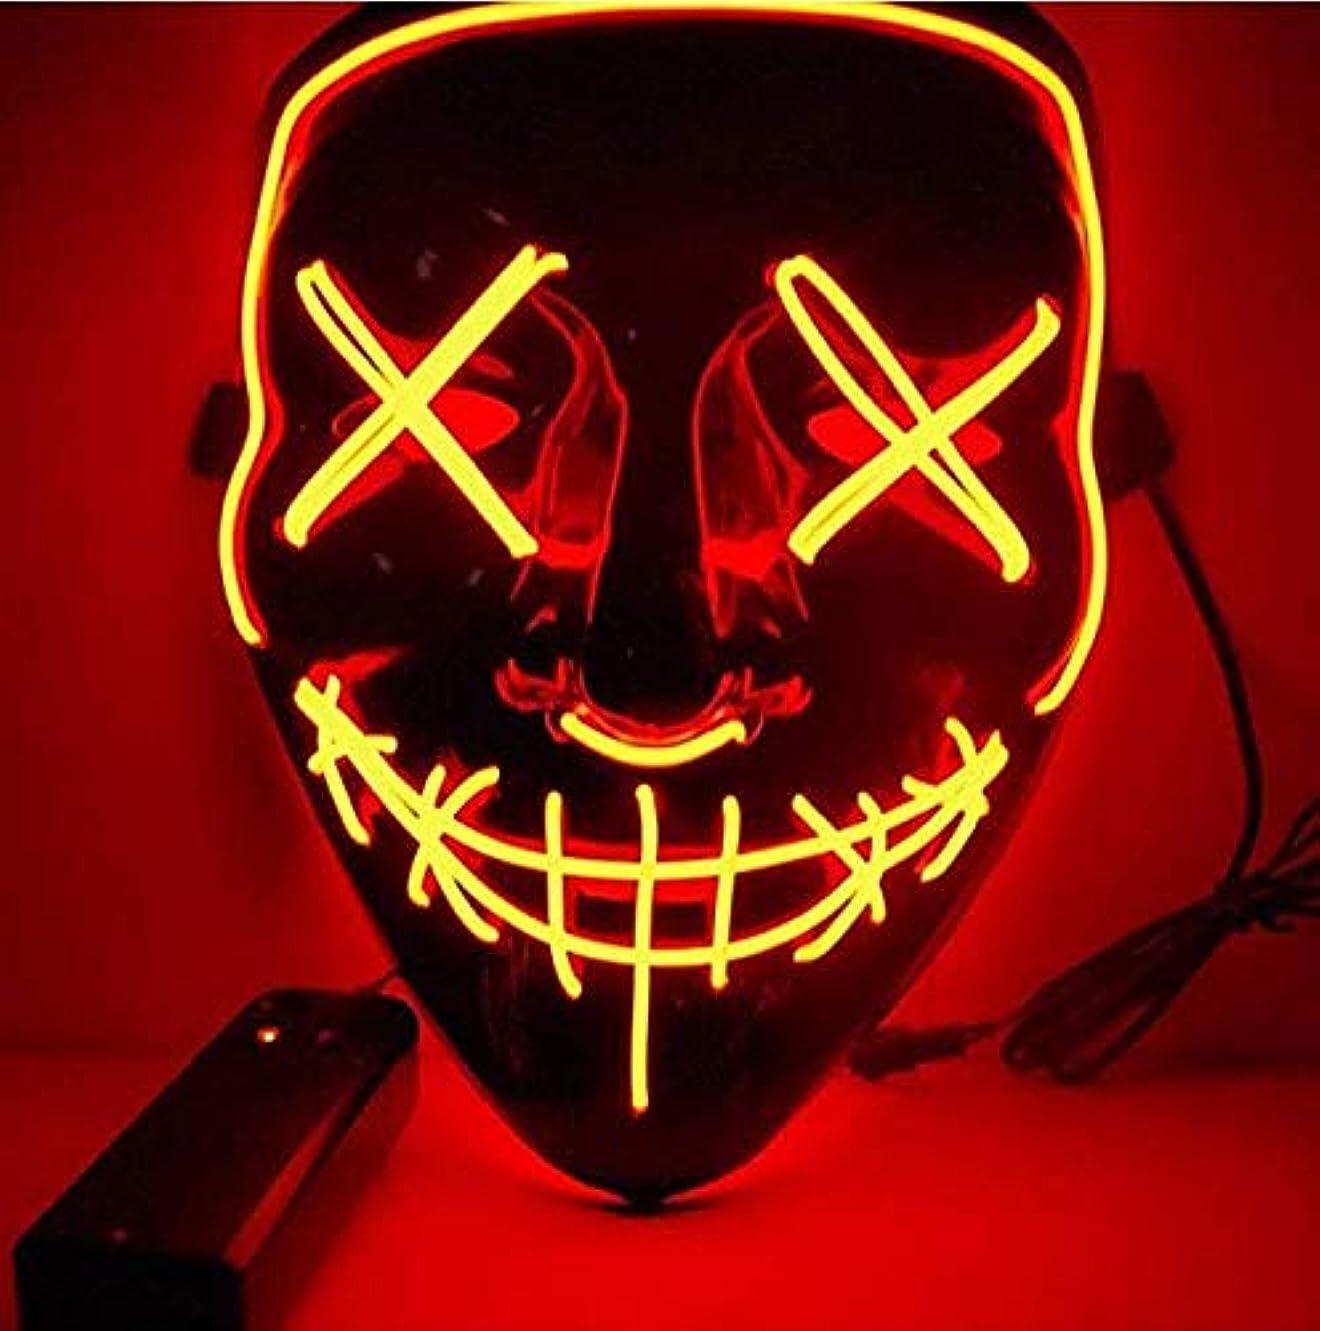 カスタム気体の花火ハロウィンマスクLEDライトアップパーティーマスクコスプレコスチュームサプライ暗闇で光る (Color : GREEN)